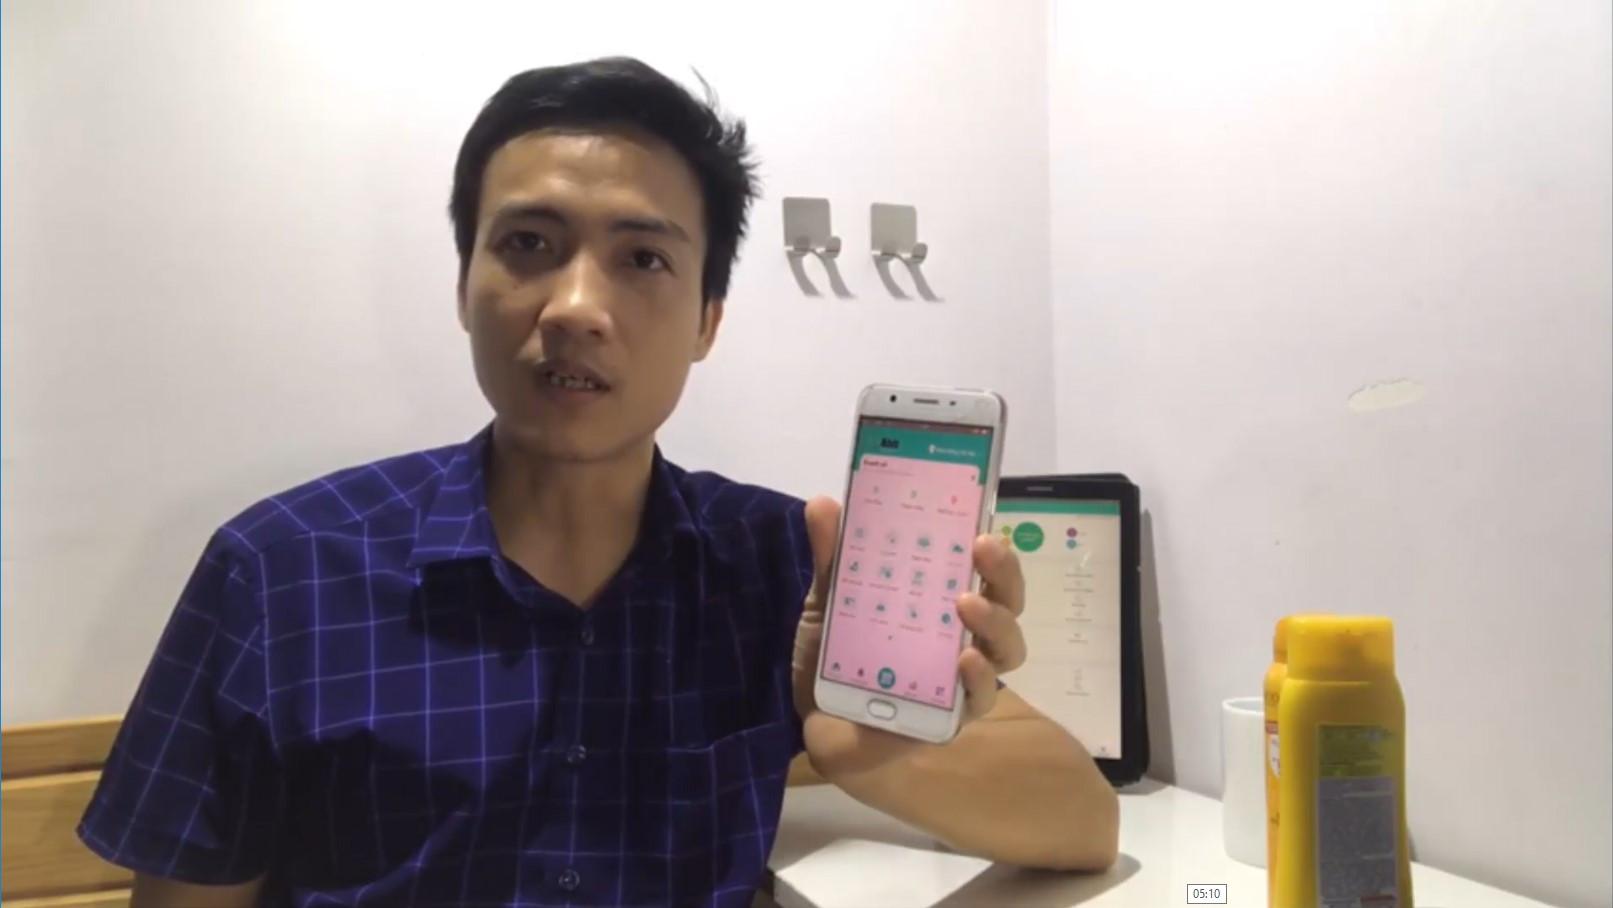 Abitstore - Hướng dẫn khởi tạo sản phẩm scan mã vạch, tạo đơn hàng trên app điện thoại